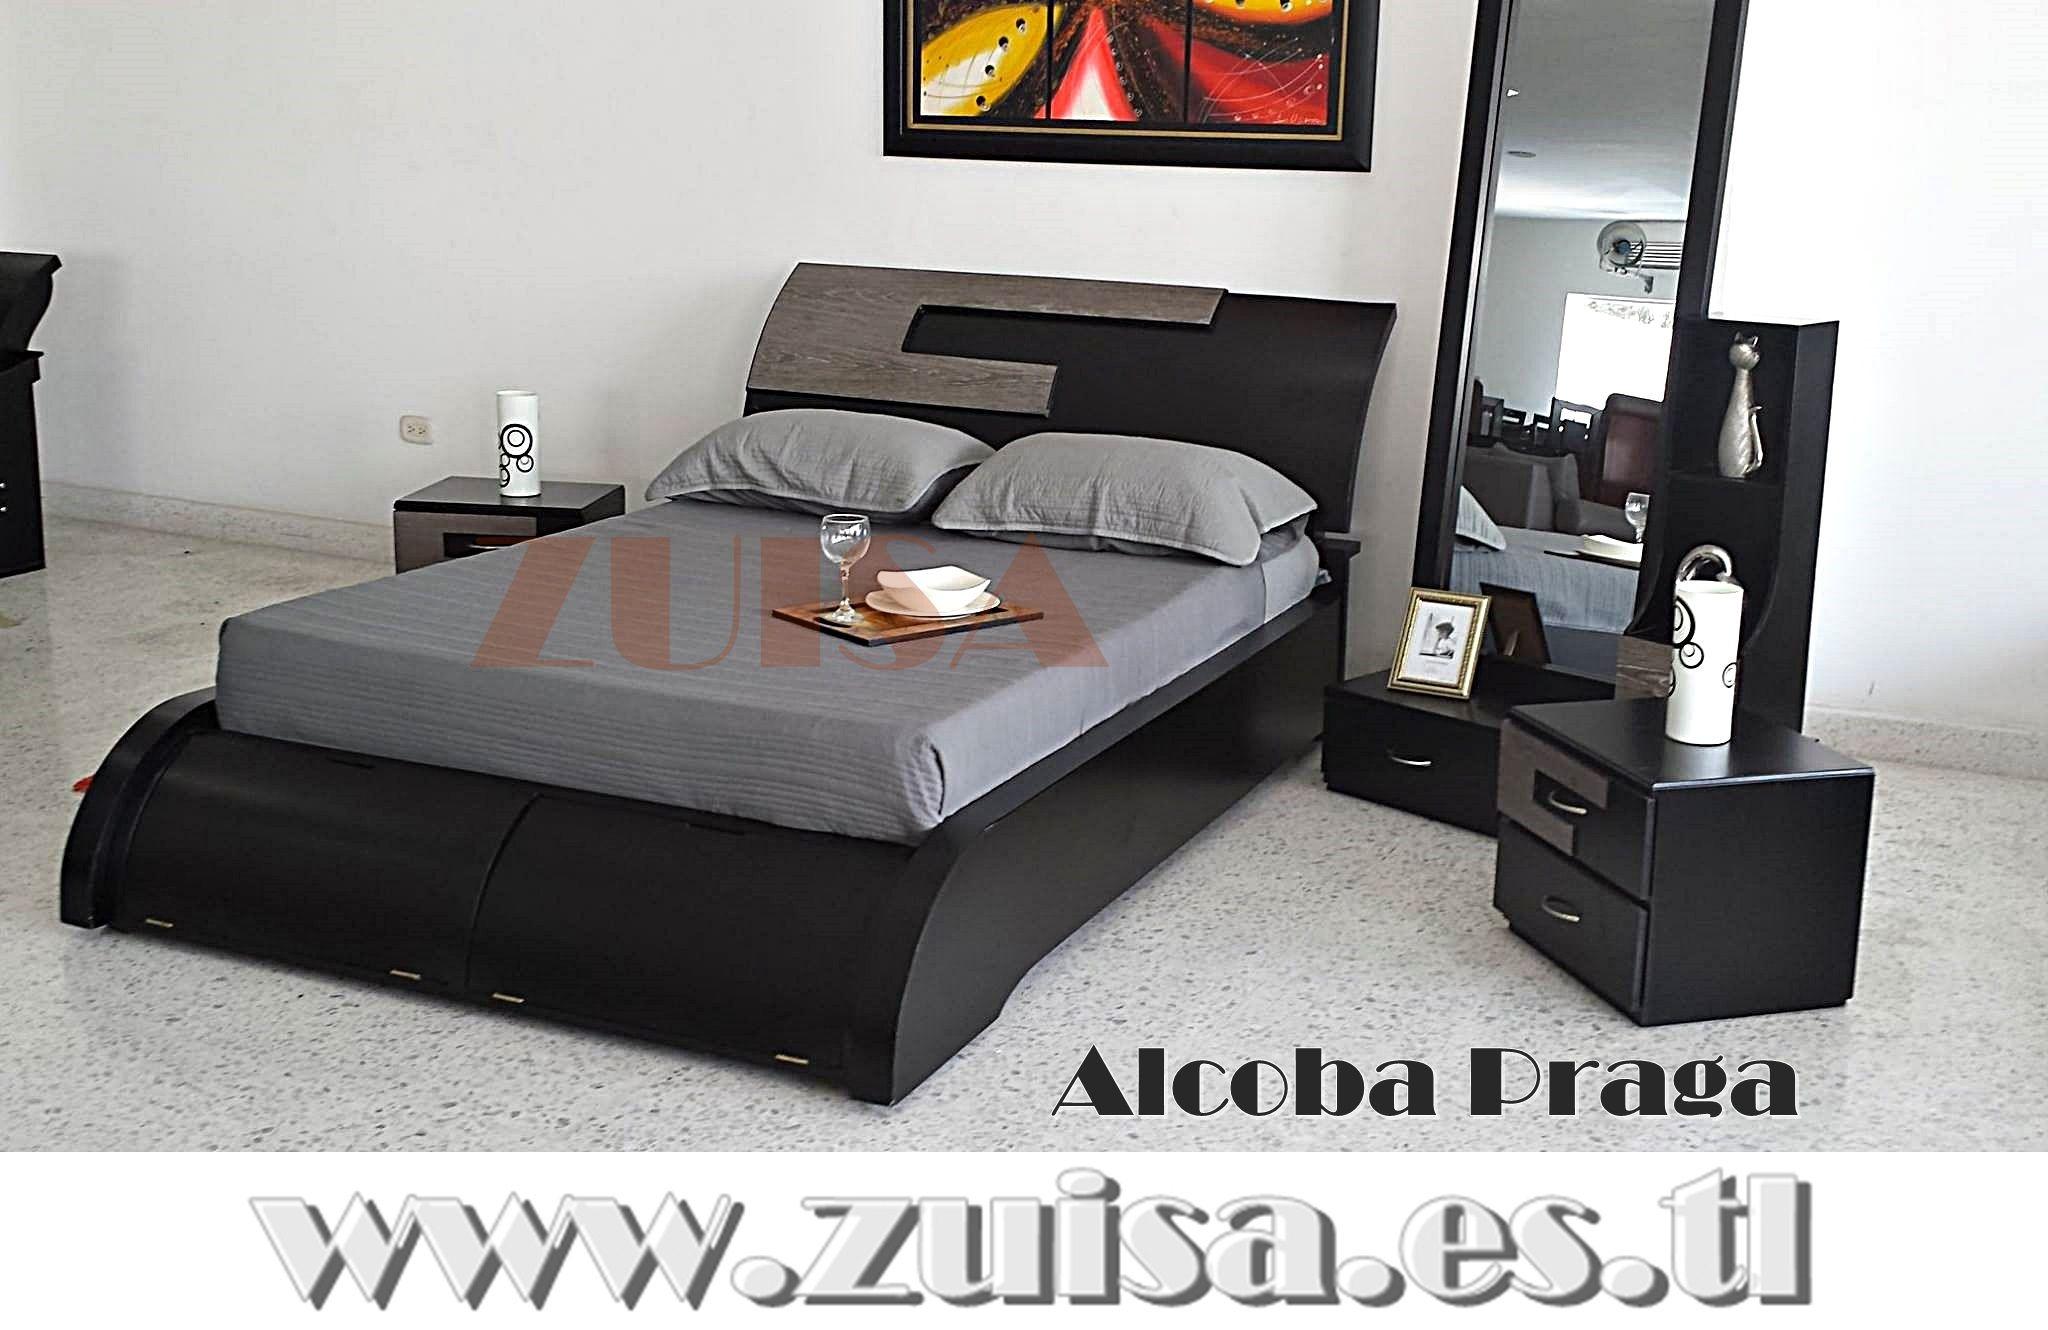 Muebles Zuisa Contemporaneas # Muebles Laalcoba